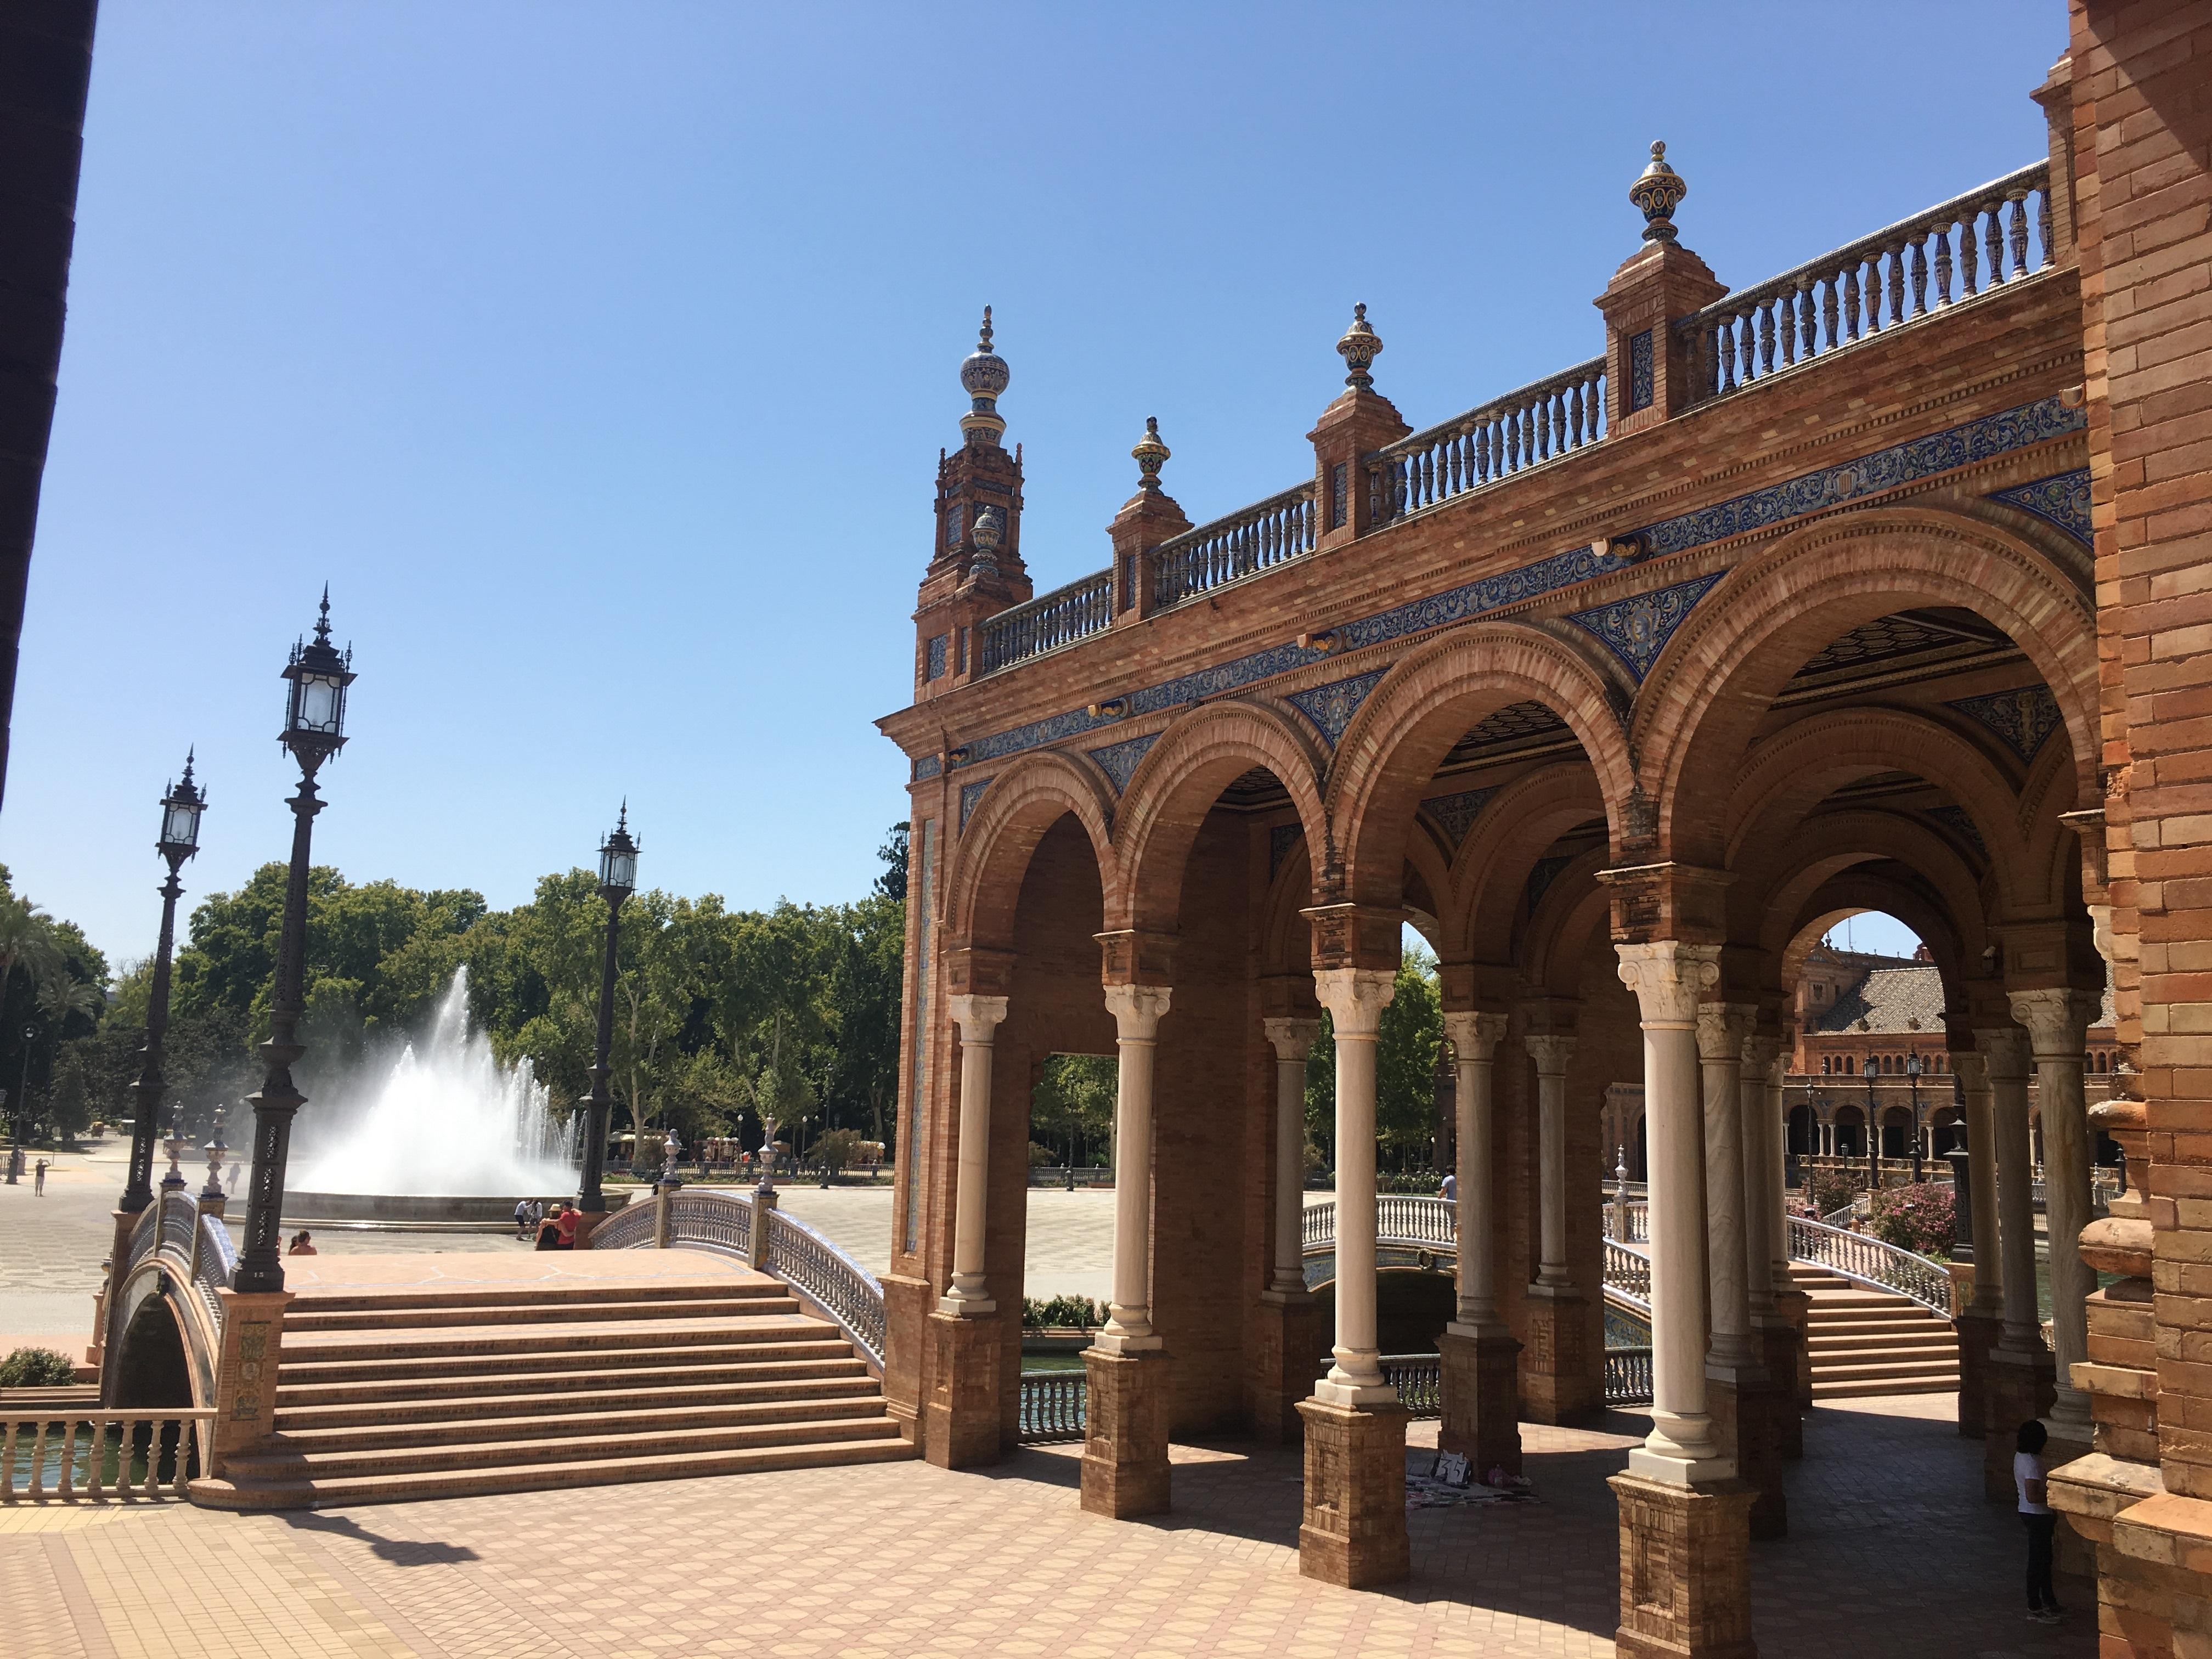 plaza de espana4